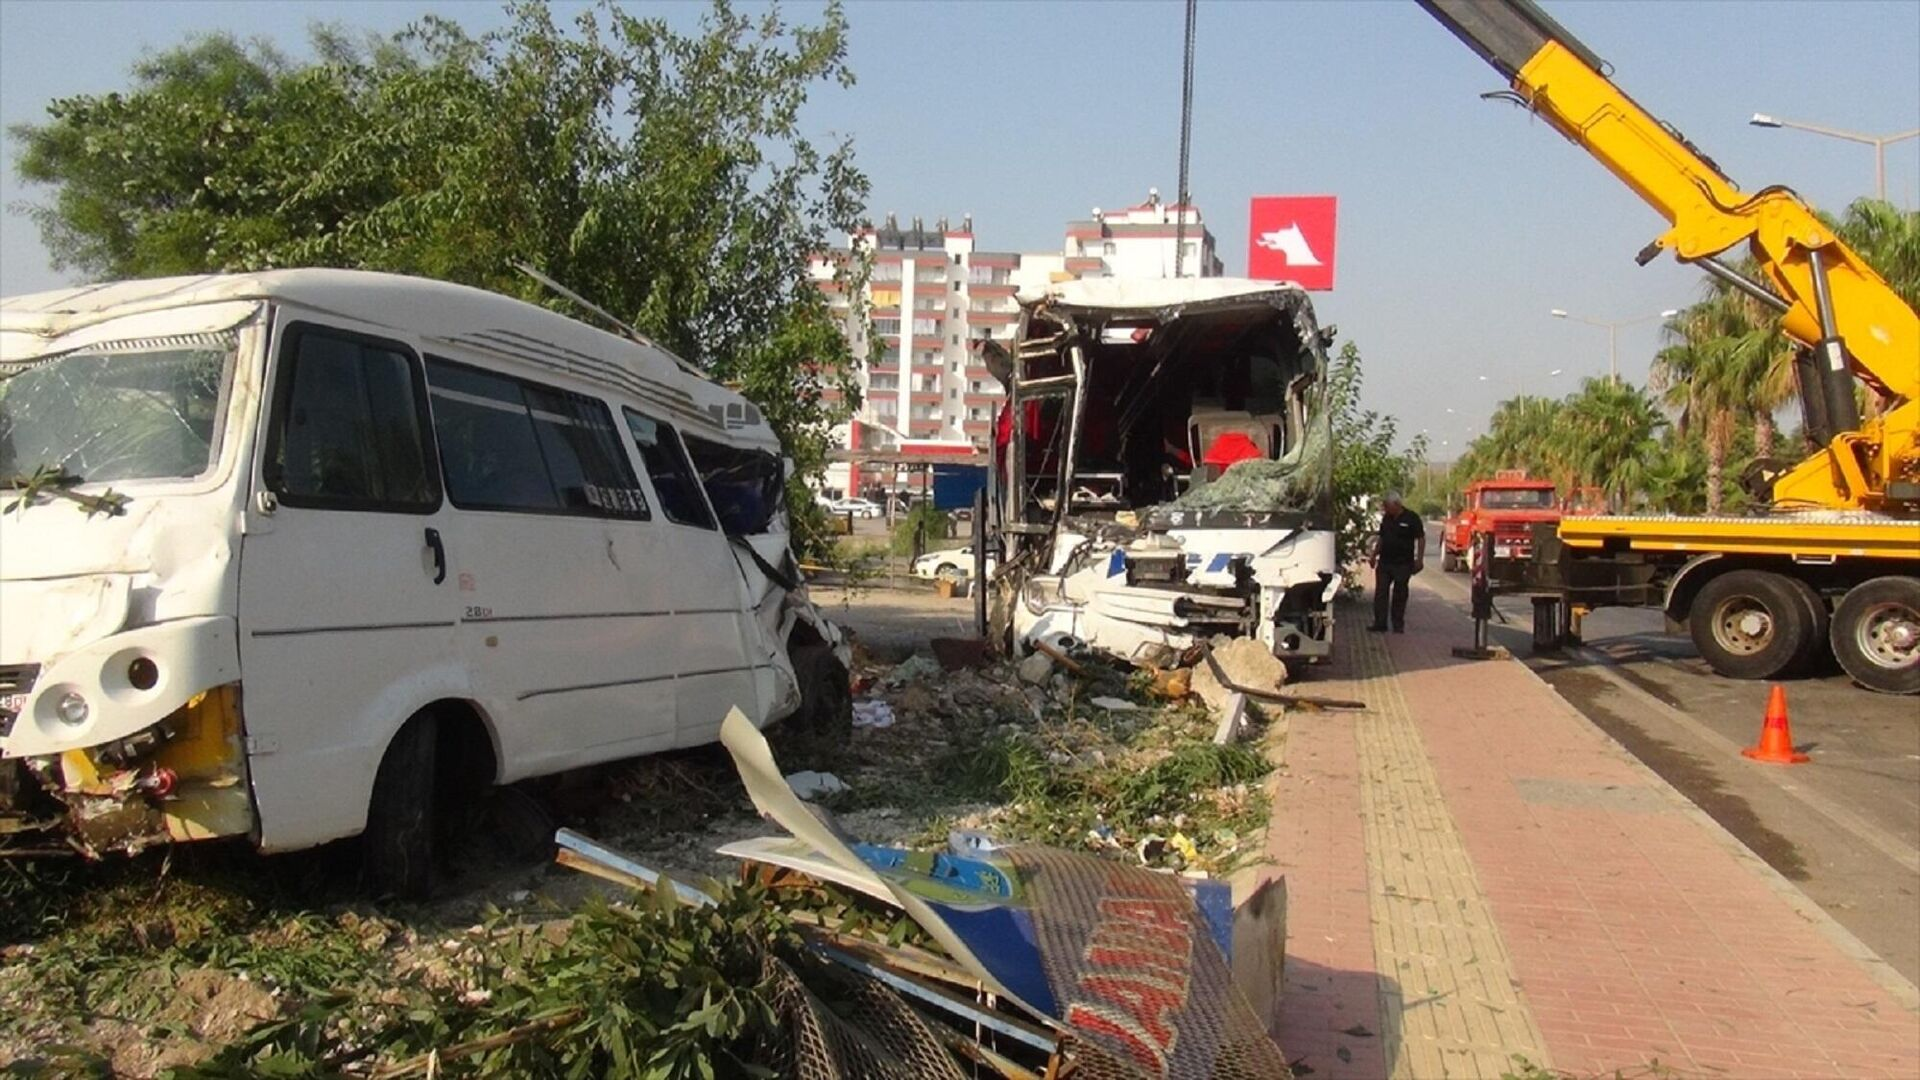 Mersin'in Silifke ilçesinde yolcu otobüsünün şarampole devrilmesi   - Sputnik Türkiye, 1920, 23.08.2021